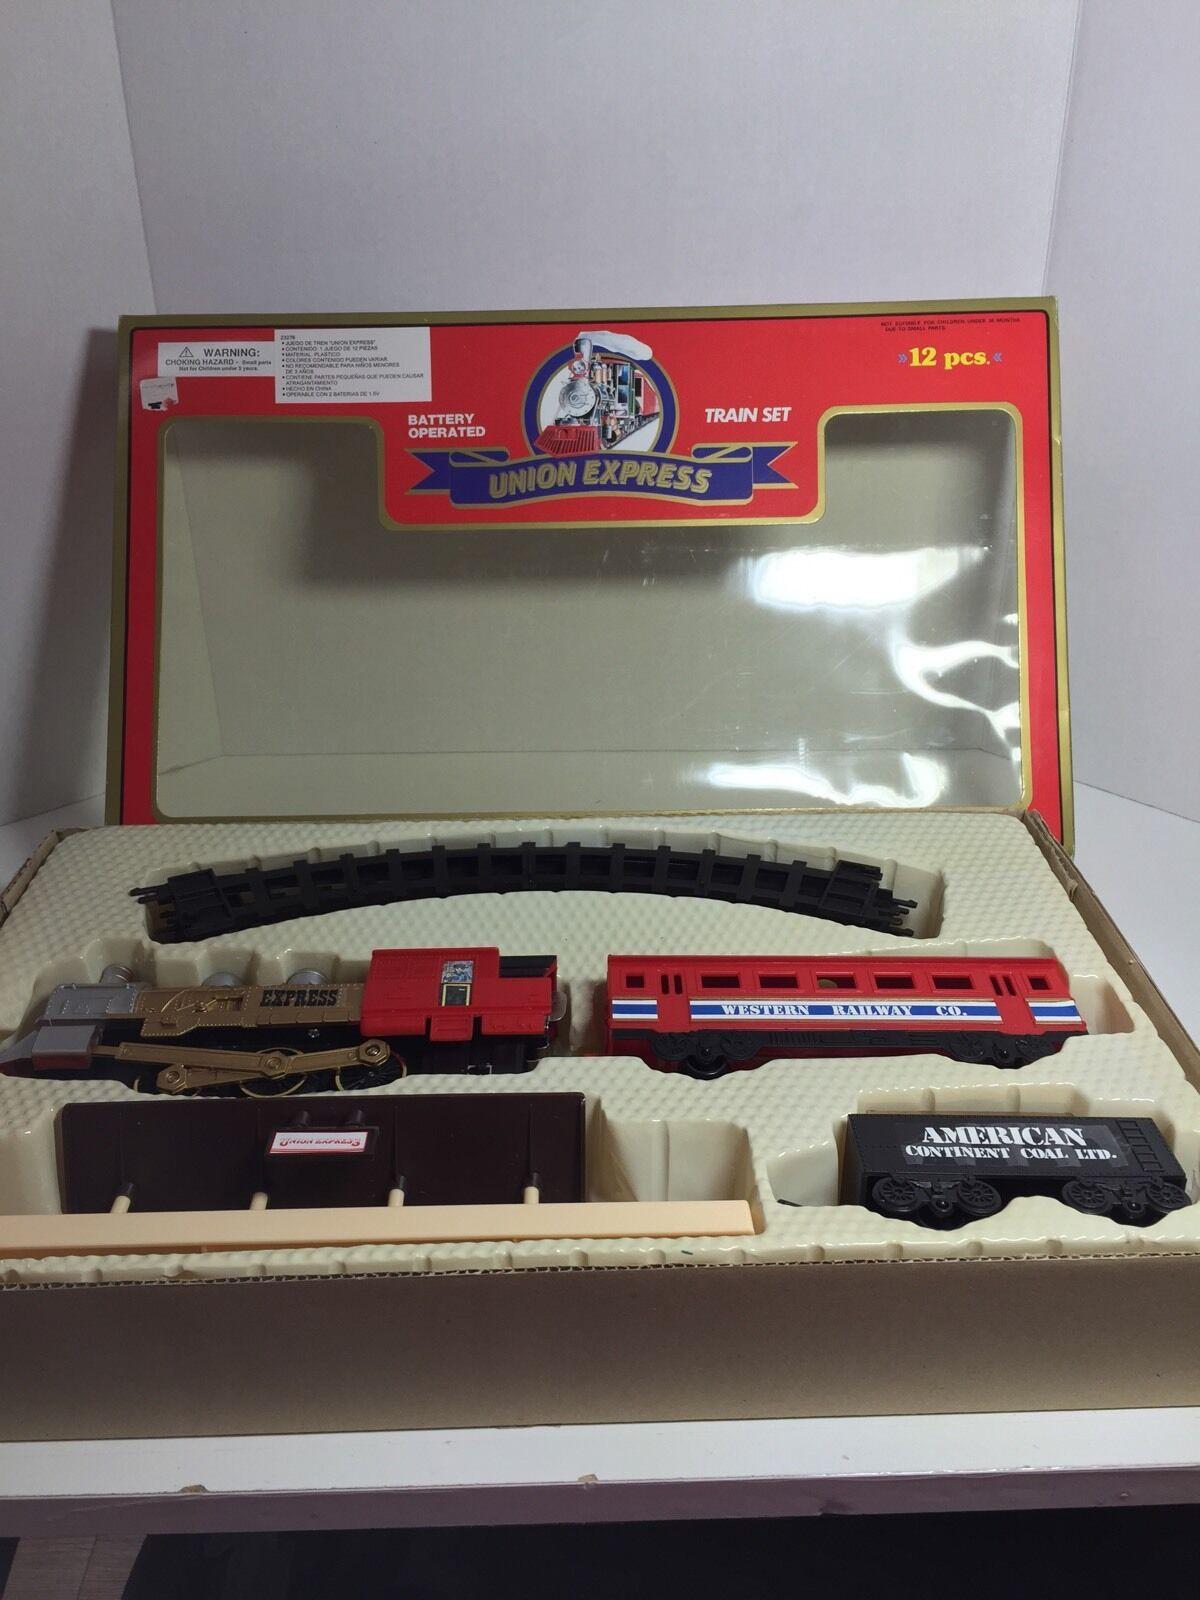 Moonbo Union  Express Battery Operated Train Set 12 Pcs TT091416  con il prezzo economico per ottenere la migliore marca